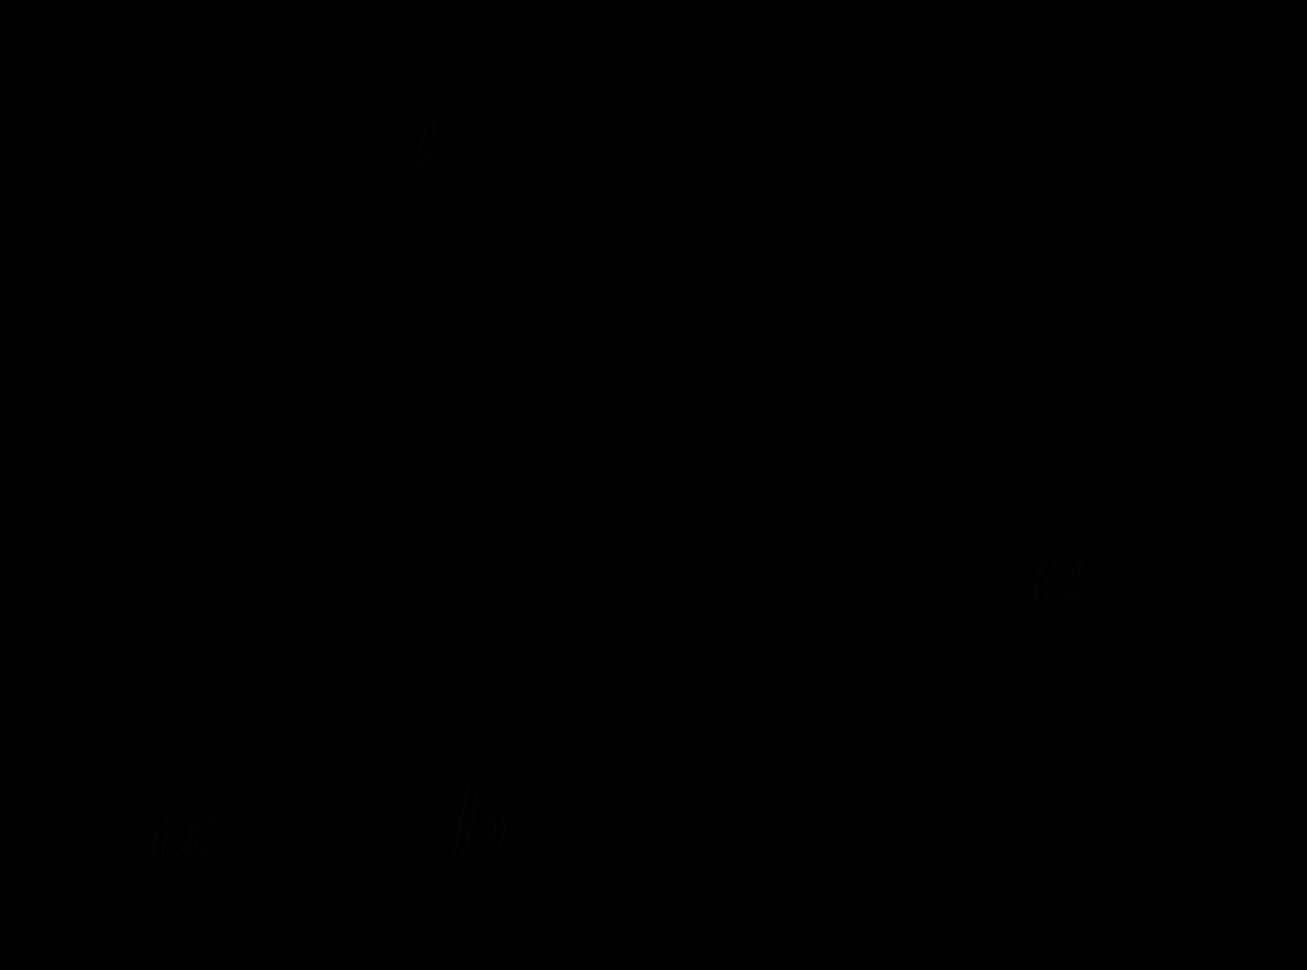 Gọi a a và b b là 2 đường thẳng chéo nhau, c c là đường thẳng song song với  a a và cắt b b .